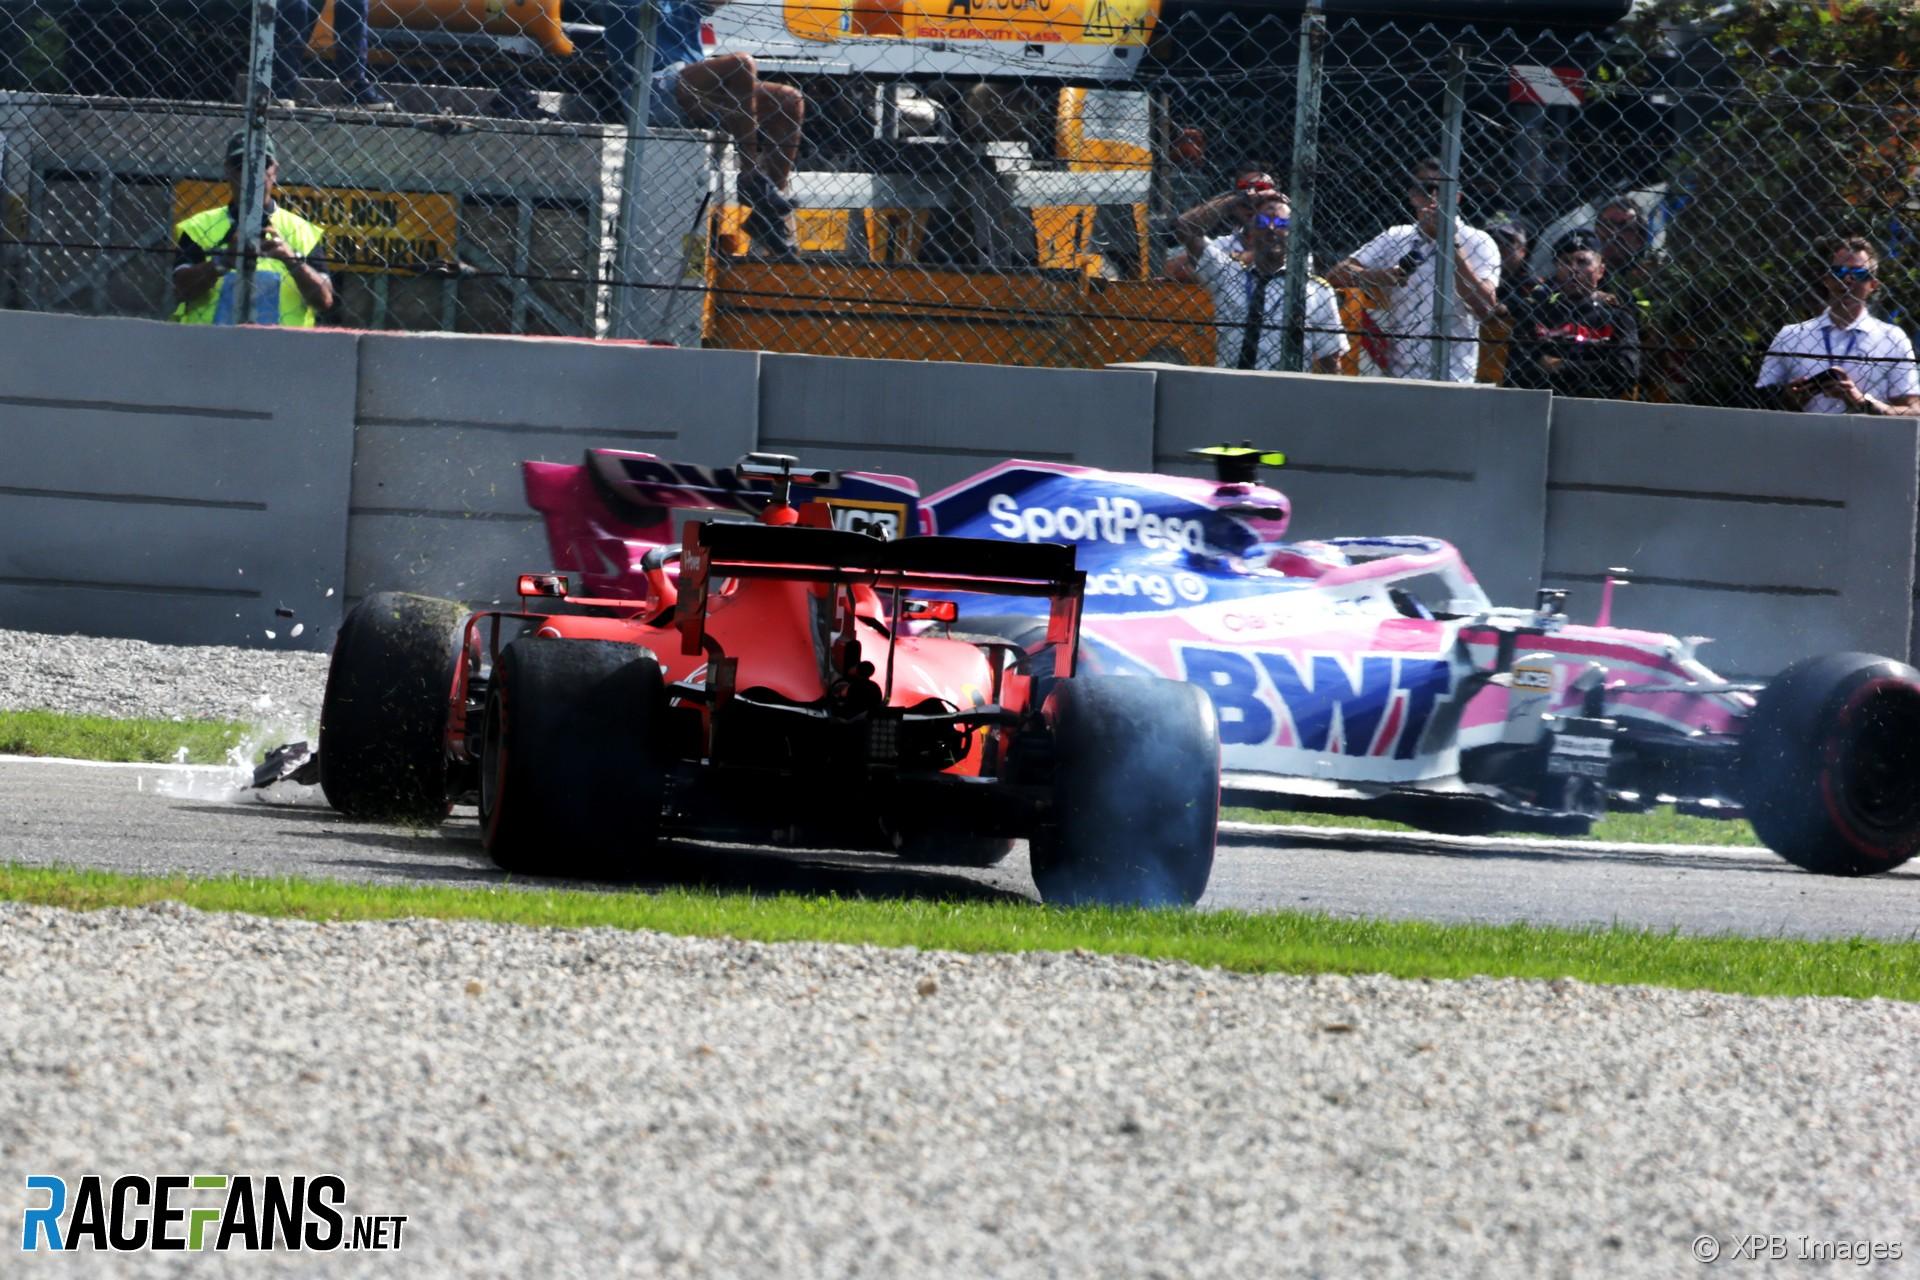 Sebastian Vettel, Lance Stroll, Monza, 2019